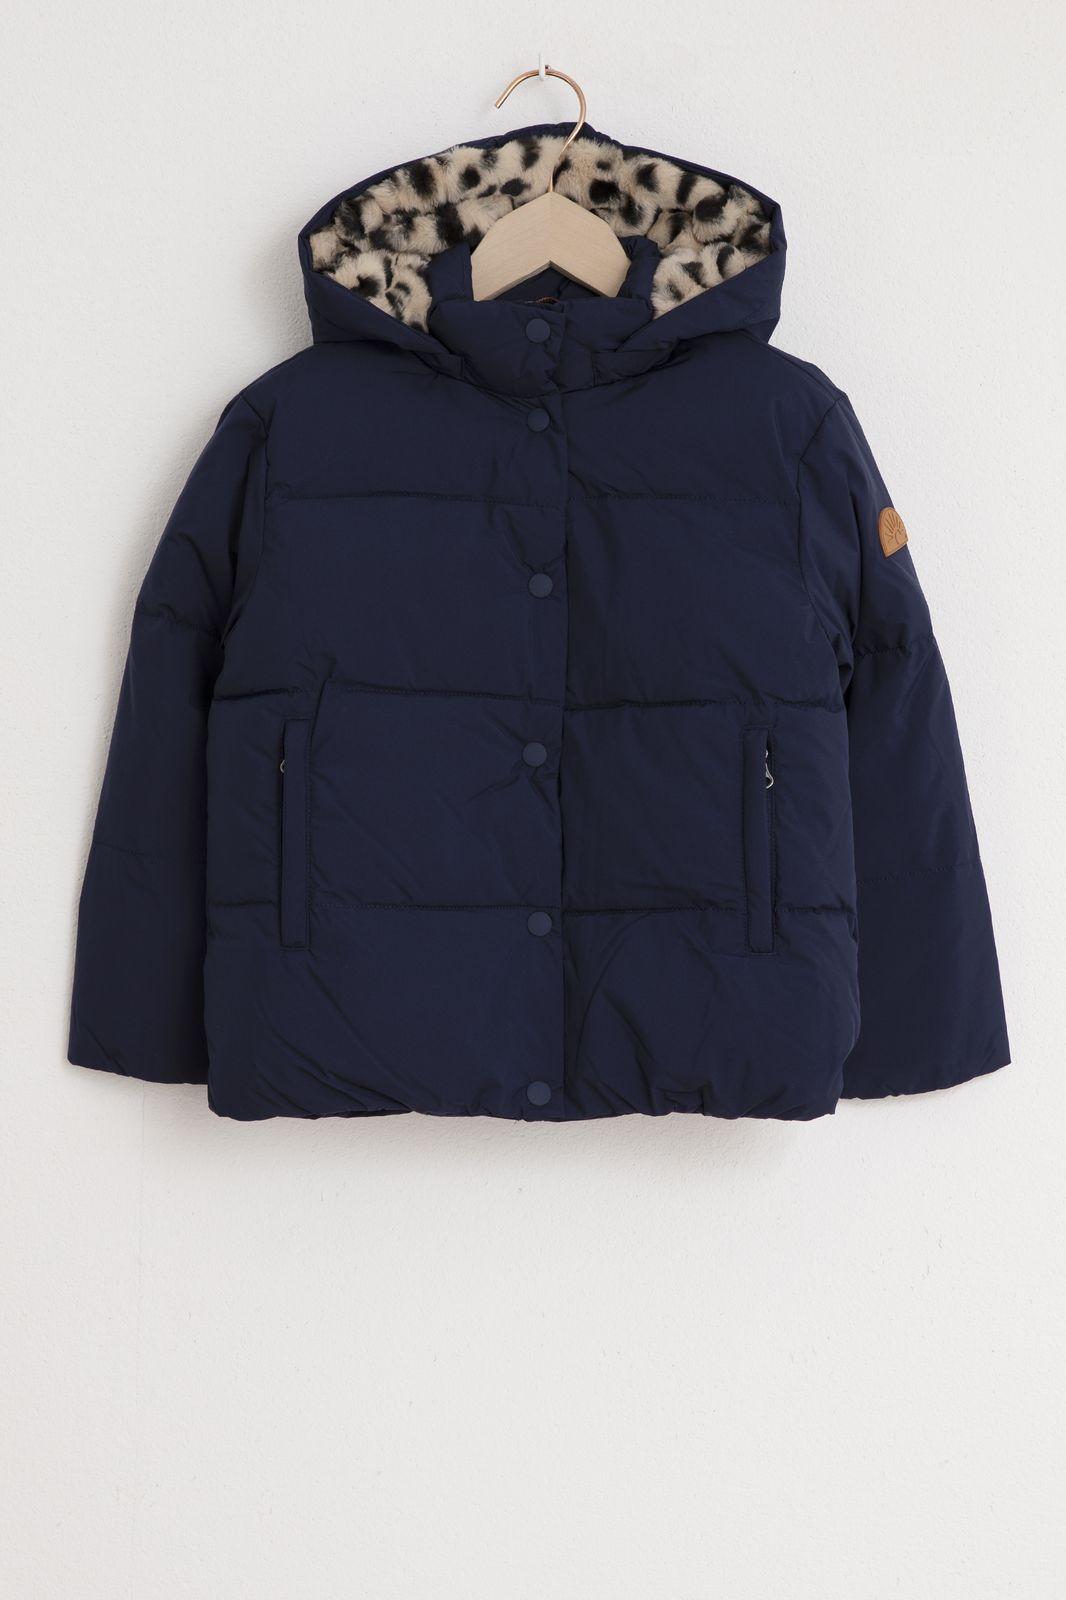 Donkerblauwe jas met luipaard details